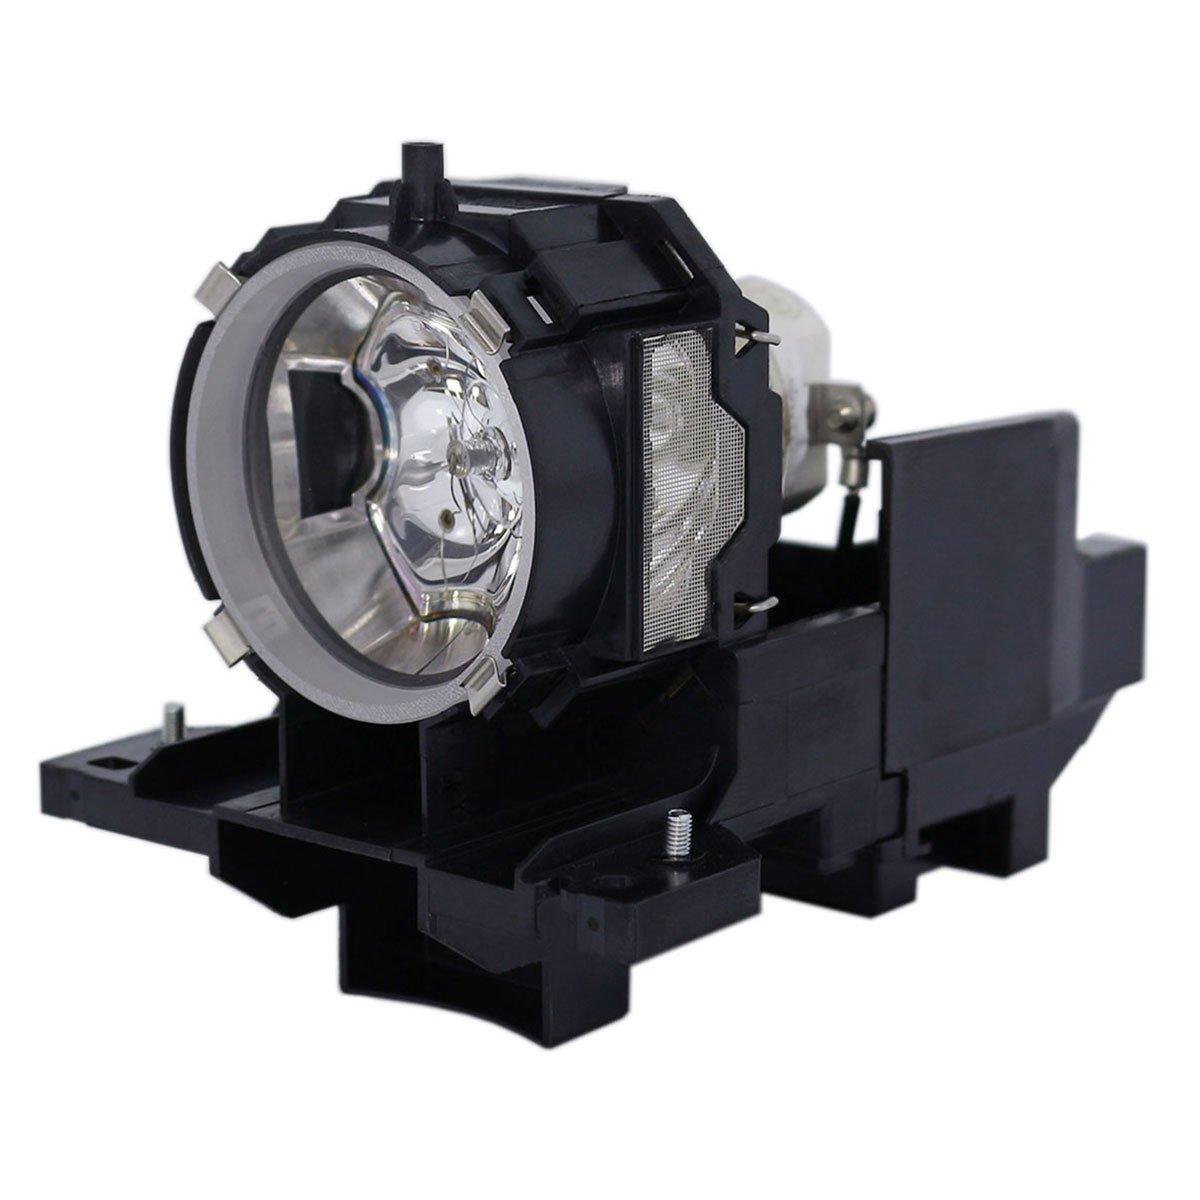 日立CP-X615用オリジナルUshioプロジェクター交換用ランプ Platinum (Brighter/Durable) B07L29Q8WX Lamp with Housing Platinum (Brighter/Durable)